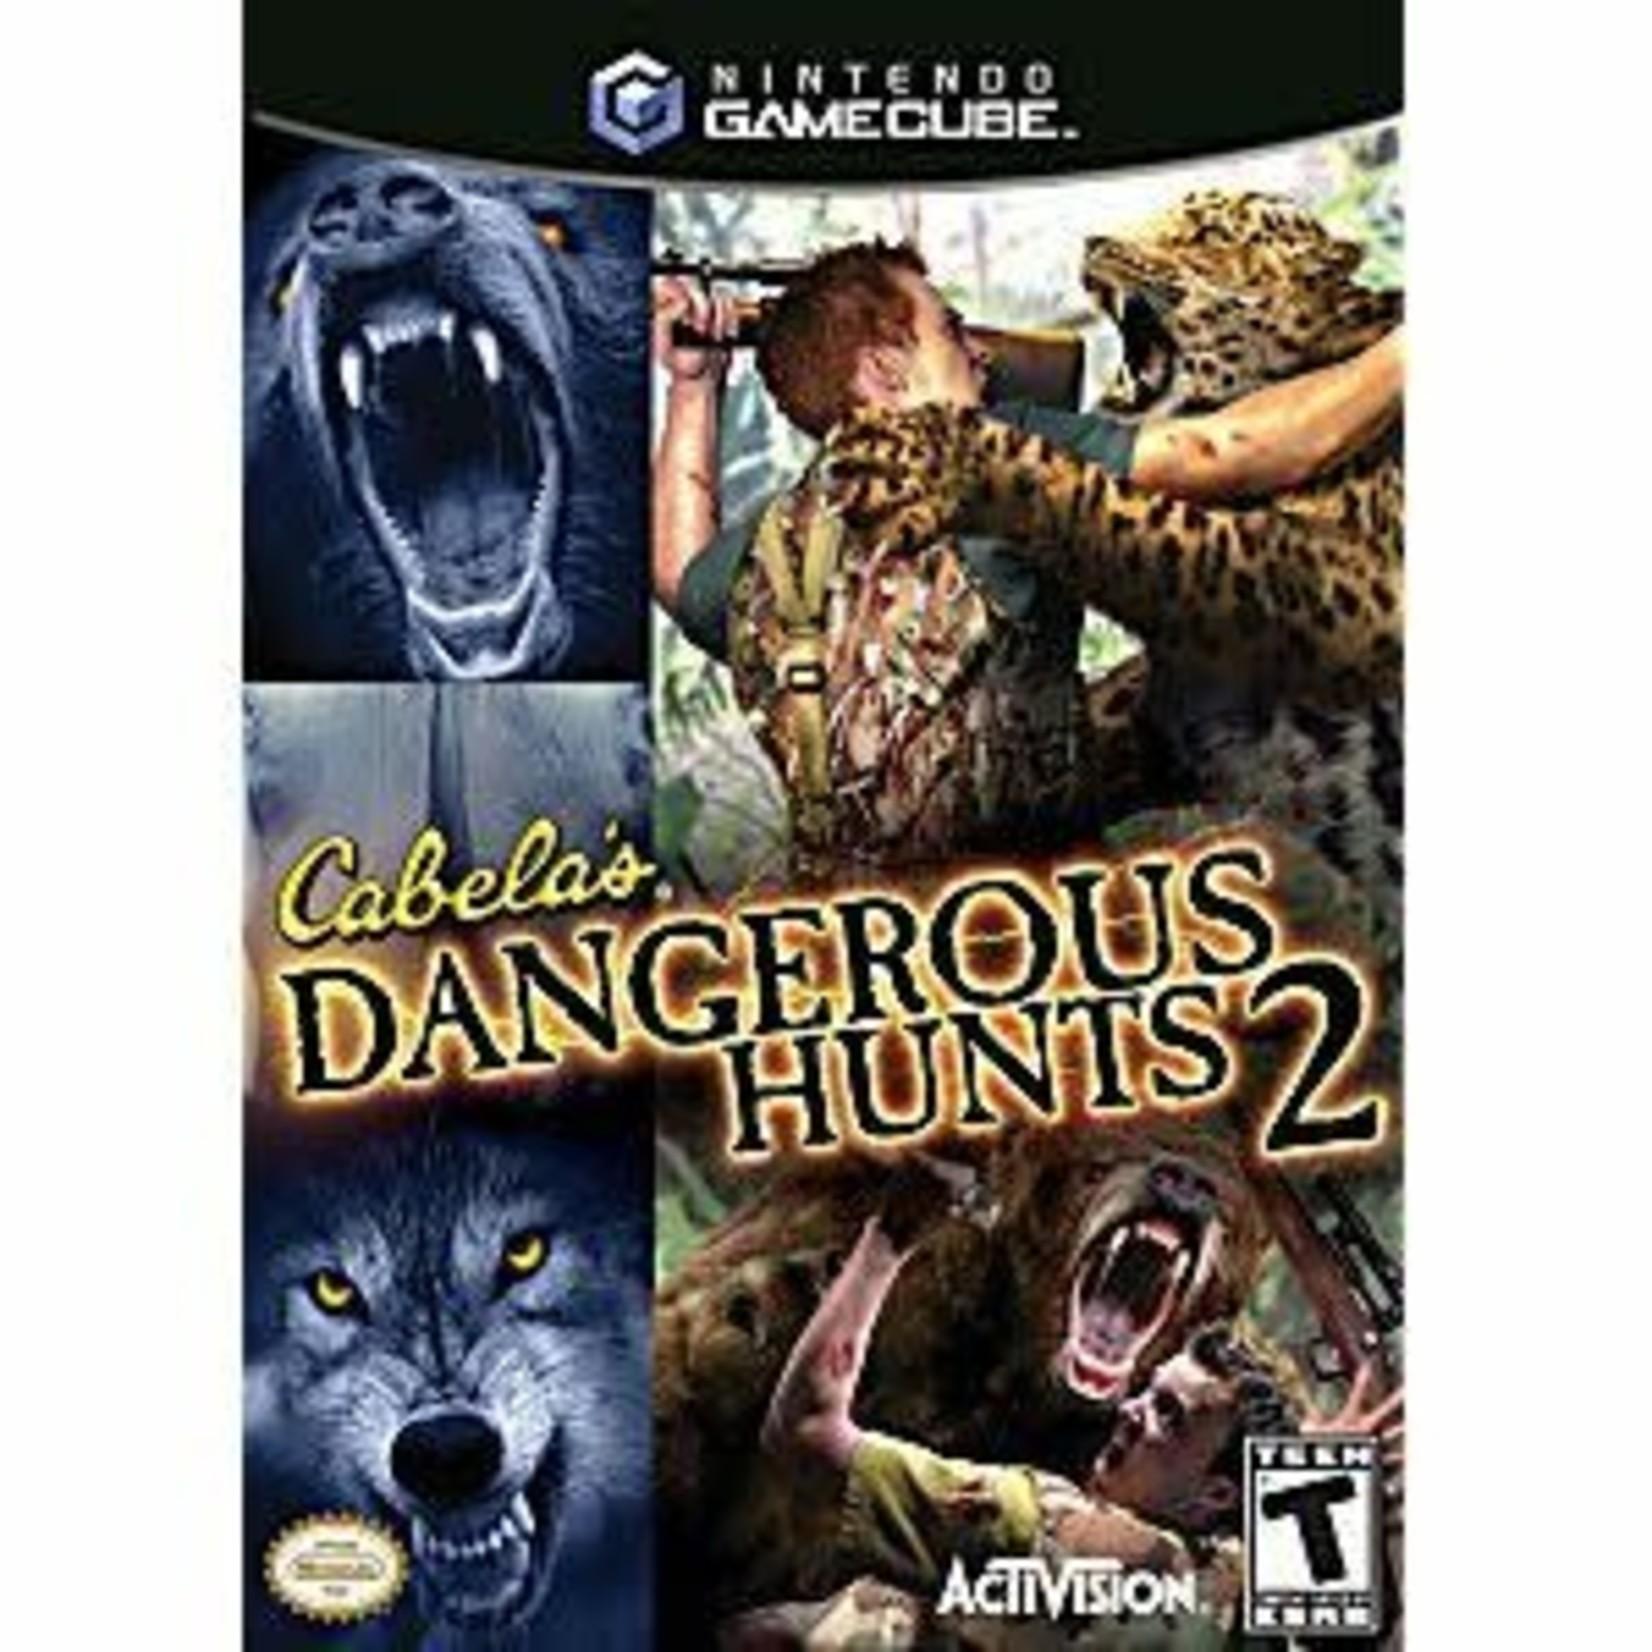 gcu-Cabela's Dangerous Hunts 2